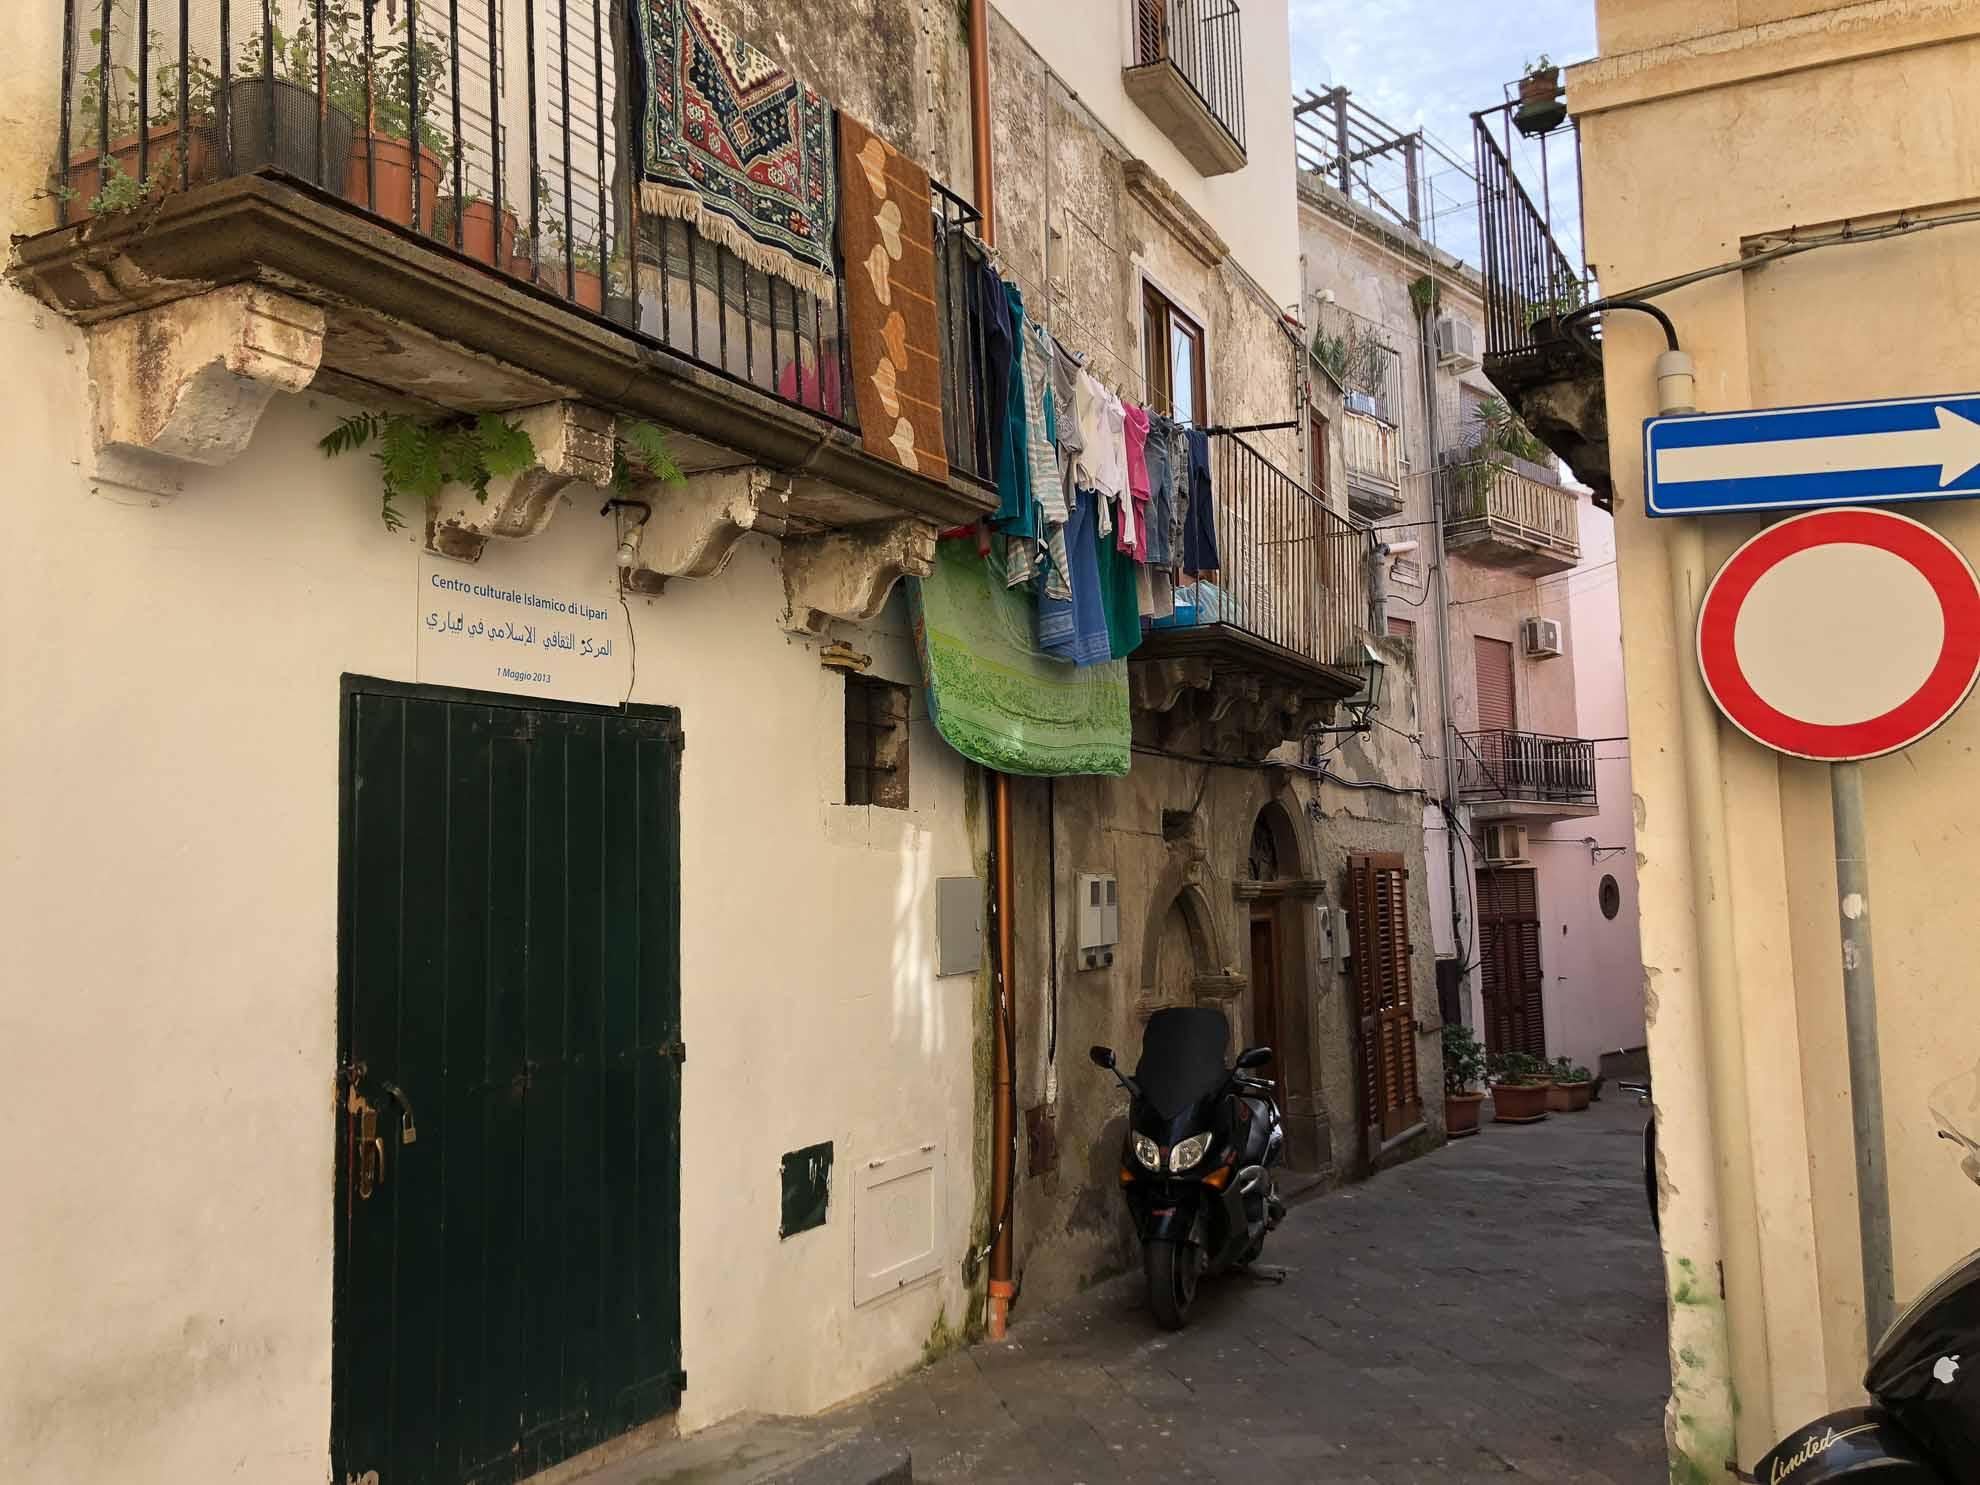 Die kleine Insel hat nur rund 12.000 Einwohner und gehört zu Sizilien.